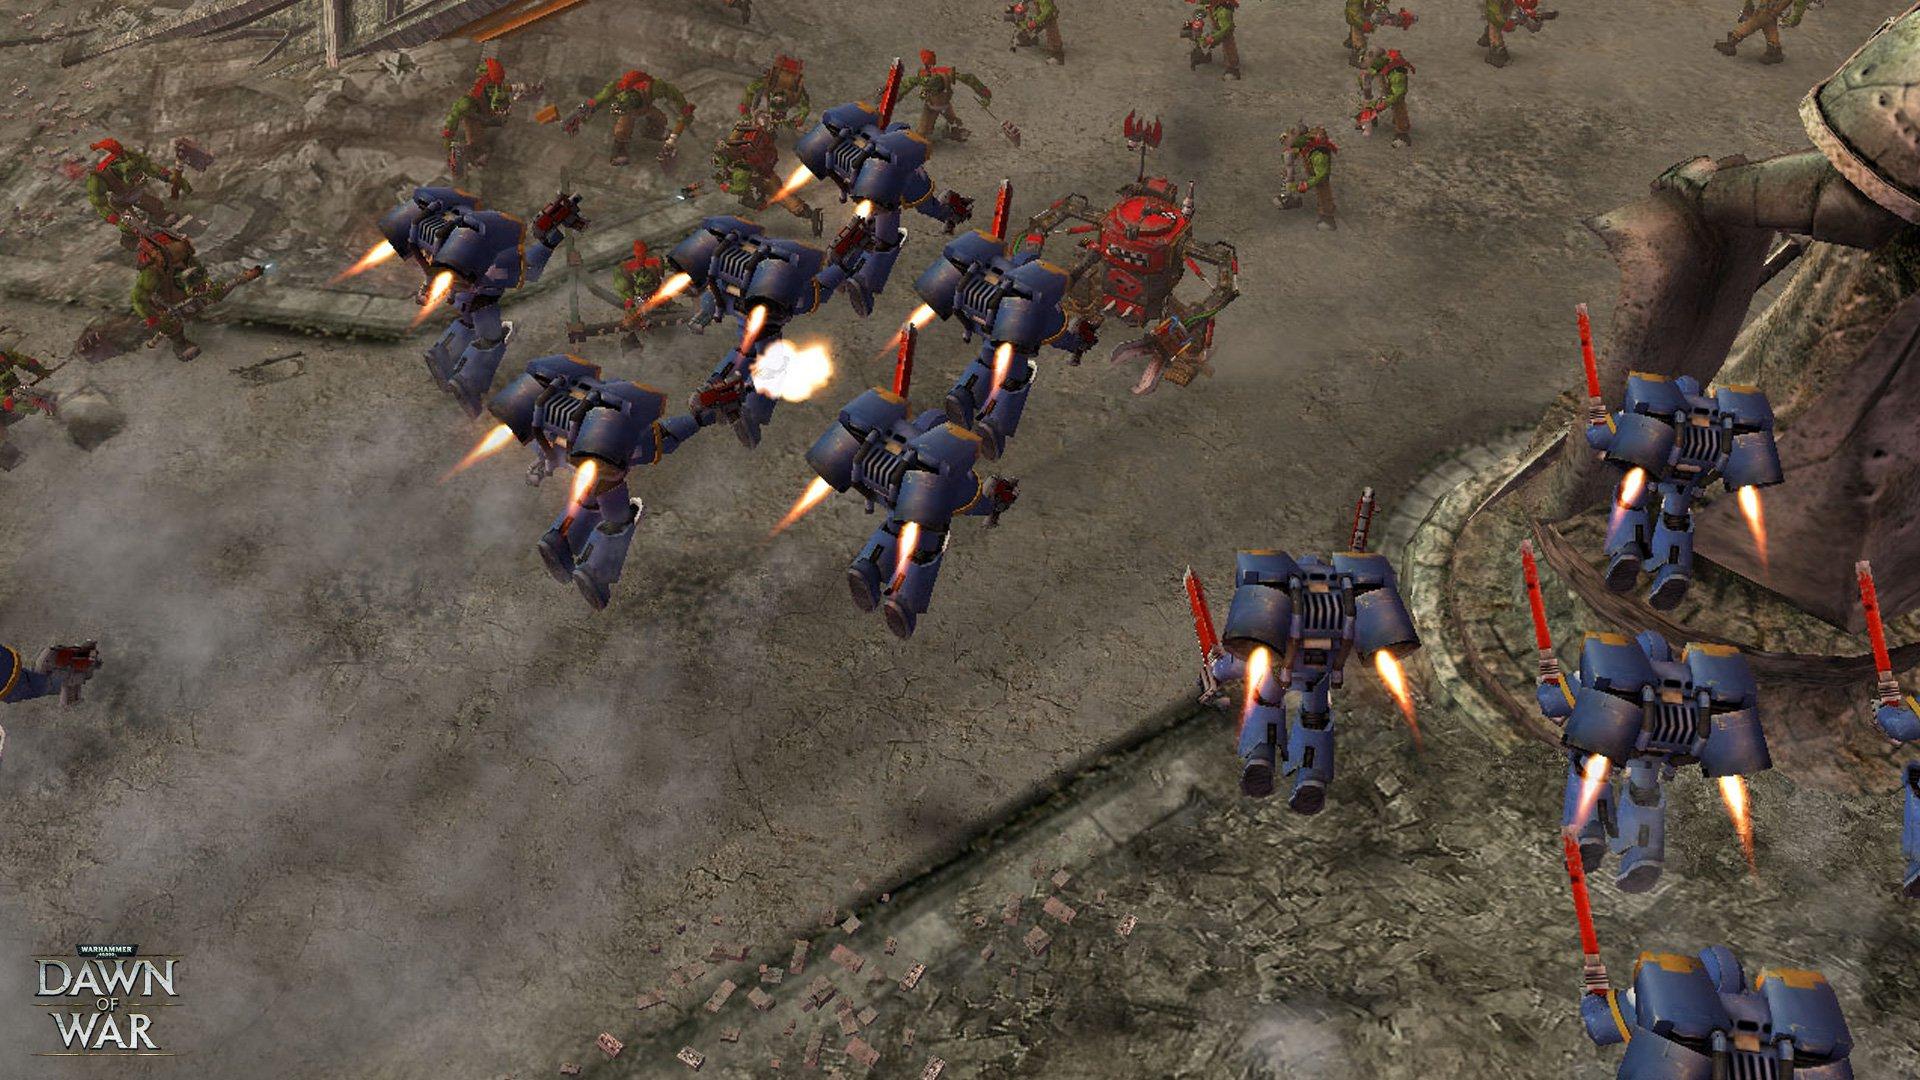 Warhammer 40,000 Dawn of War Master Collection 3